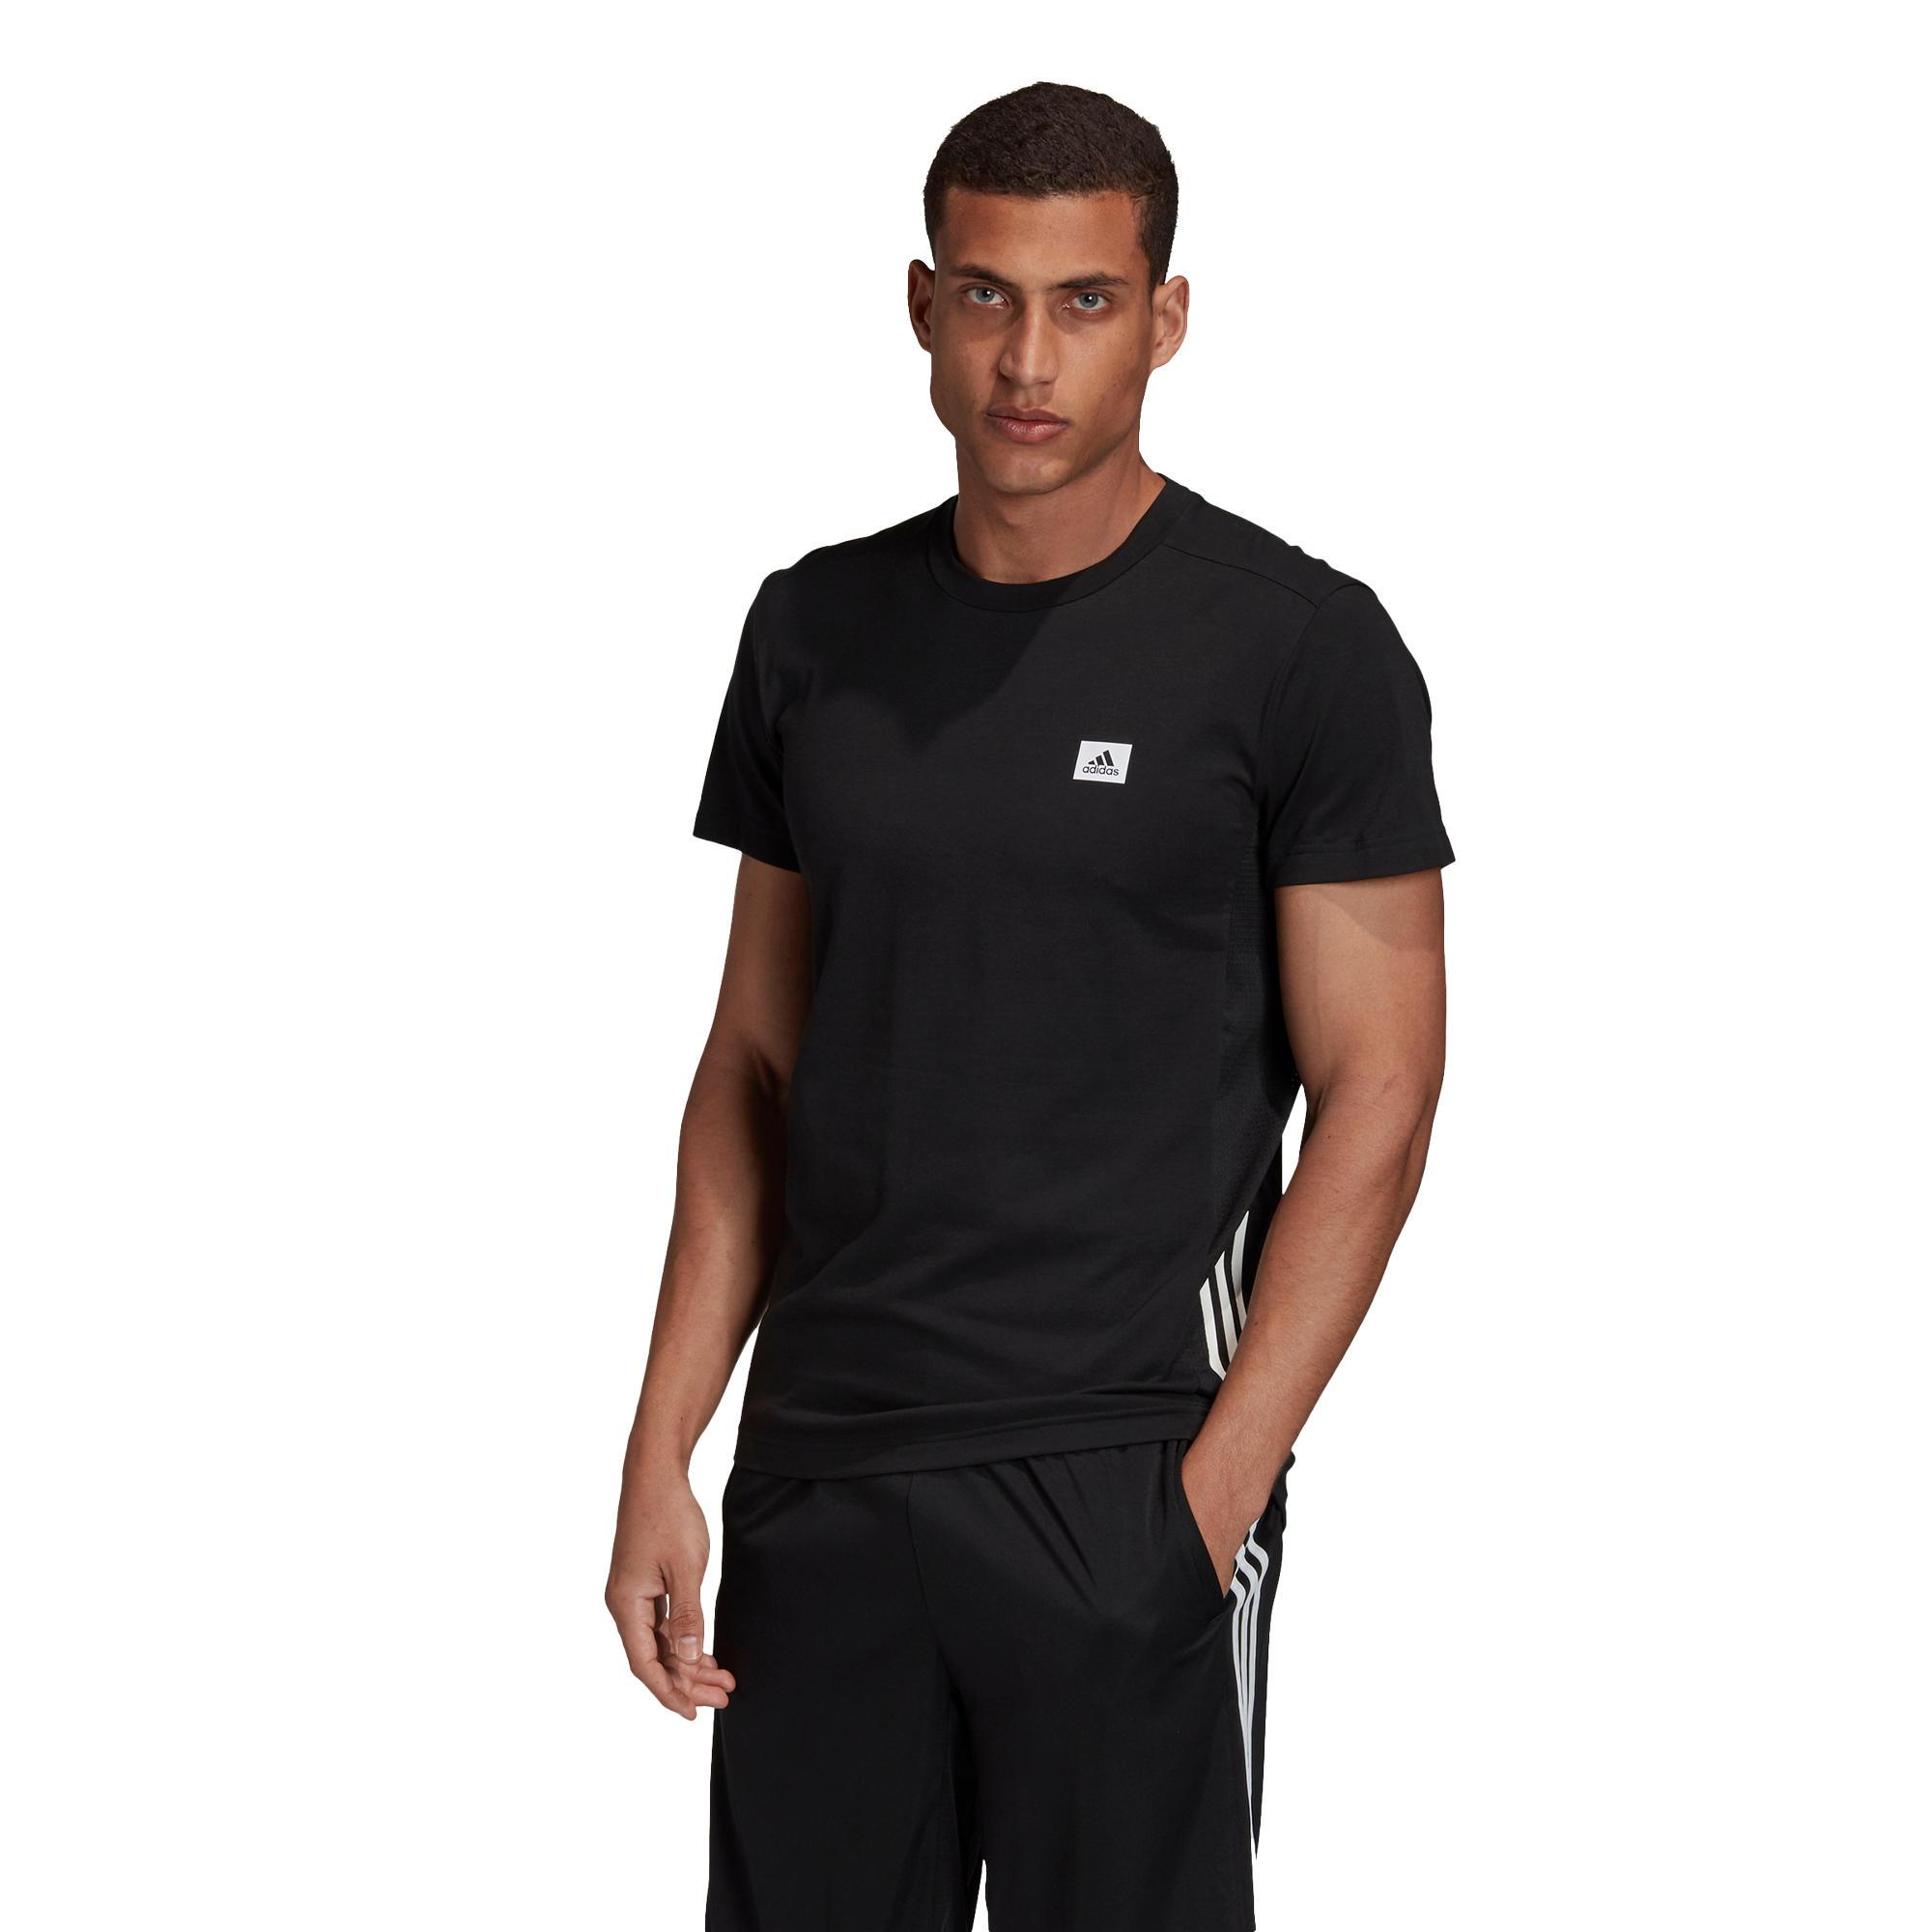 Tricou Adidas MOTION bărbați imagine produs